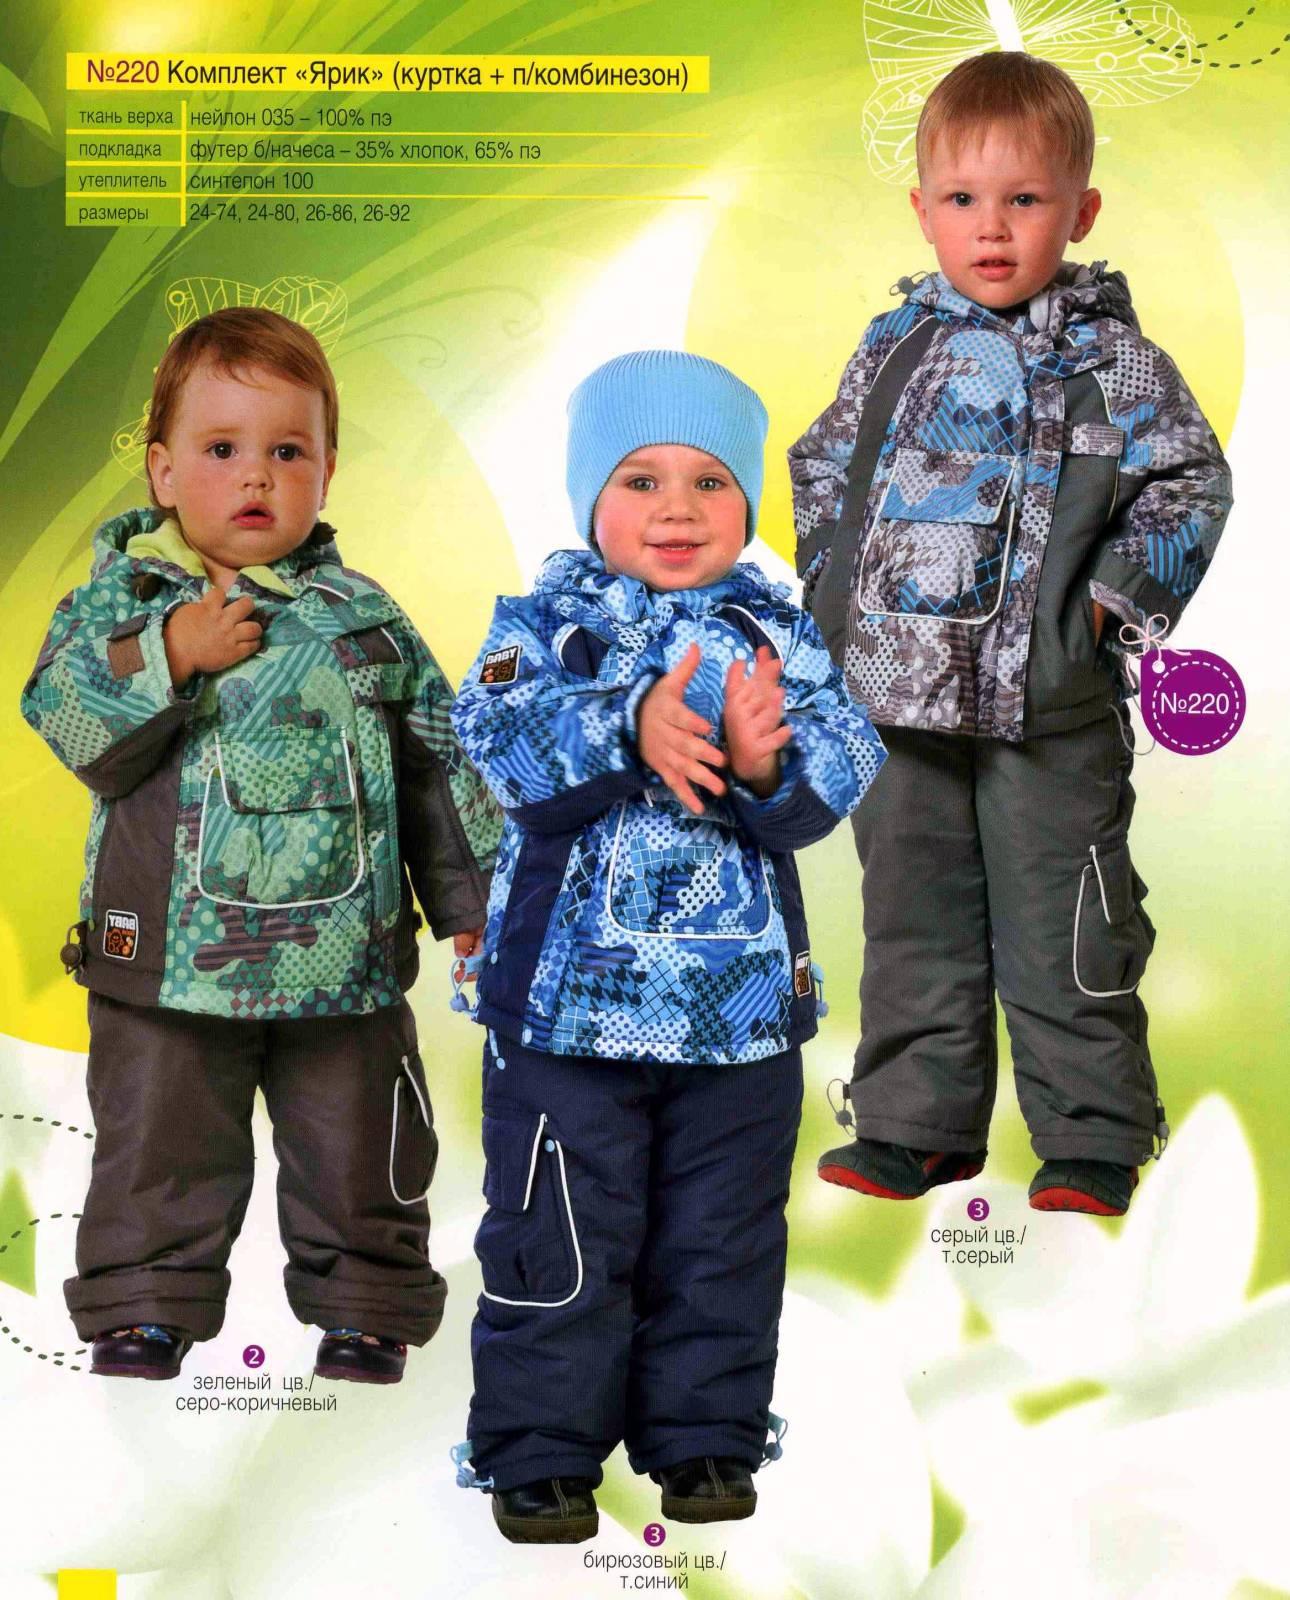 верхняя одежда для детей купить оптом проектирование, недвижимость Начало